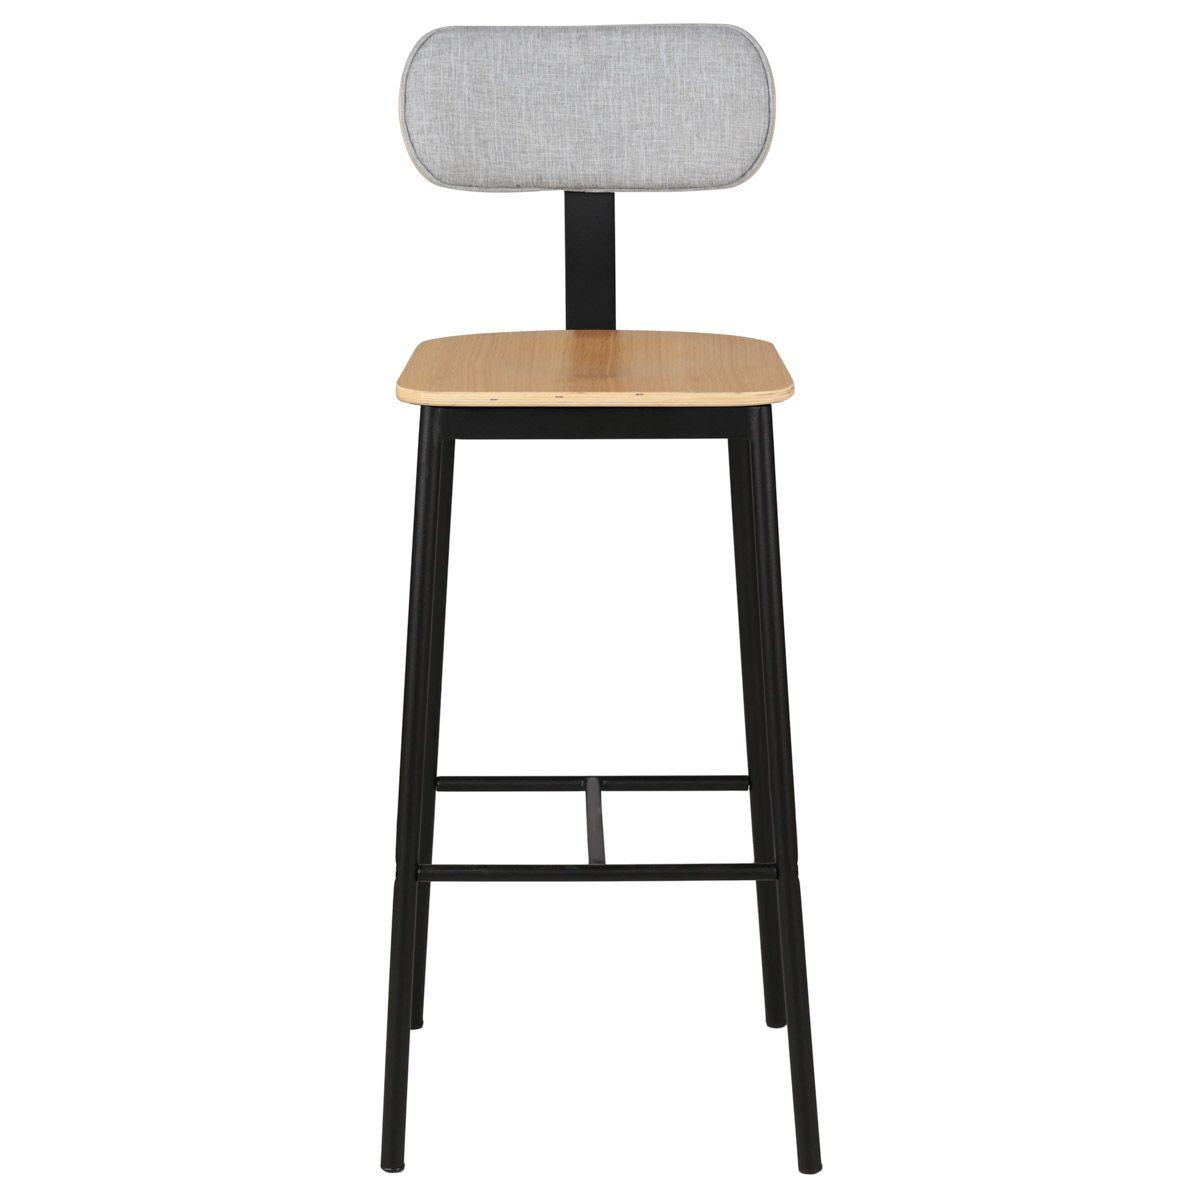 Quel Tissu Pour Chaise chaise de bar bois en chêne plaqué et tissu - structure métal mara